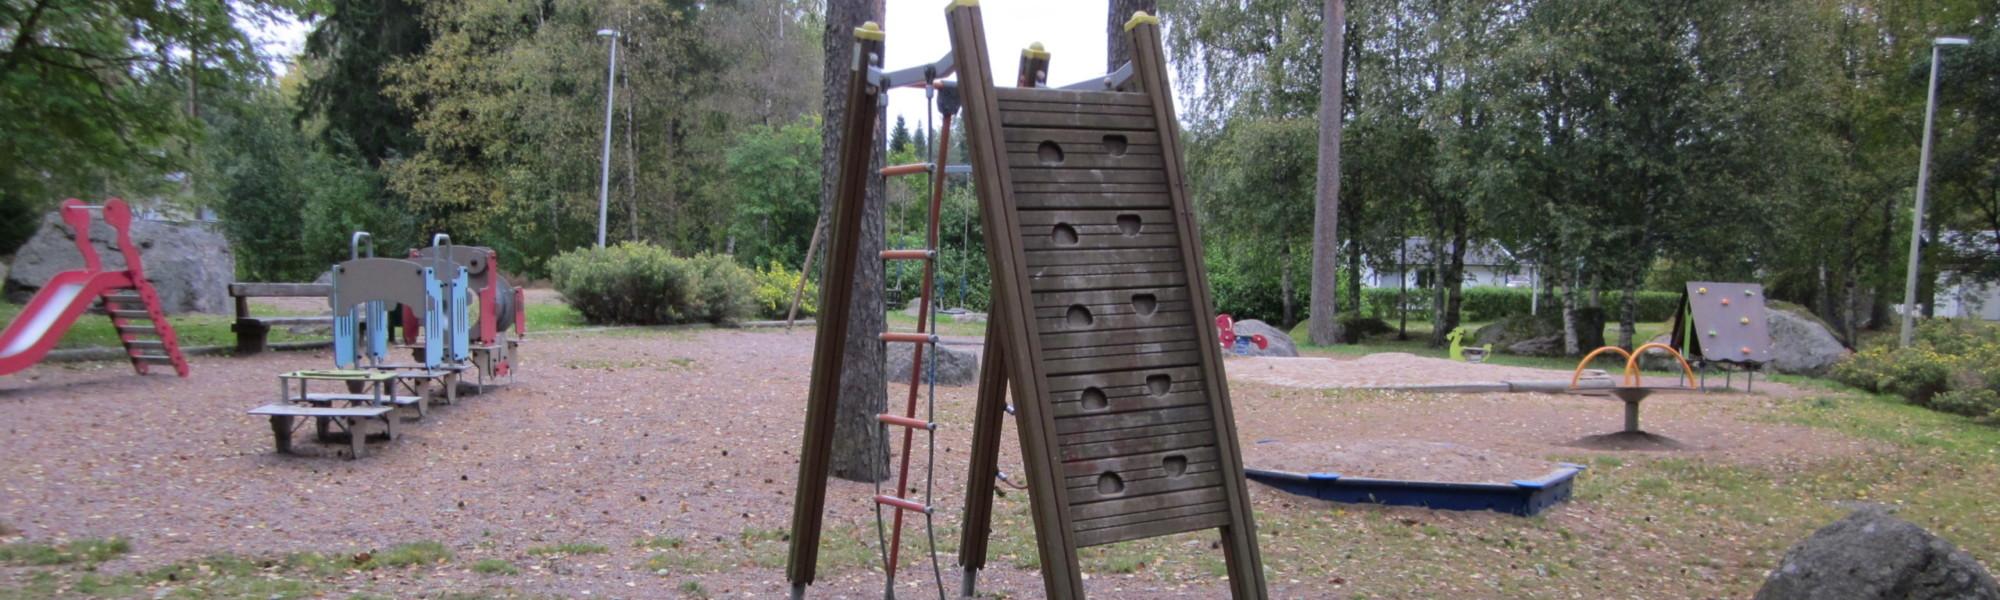 Kuvassa on Kappelipolun leikkipaikka